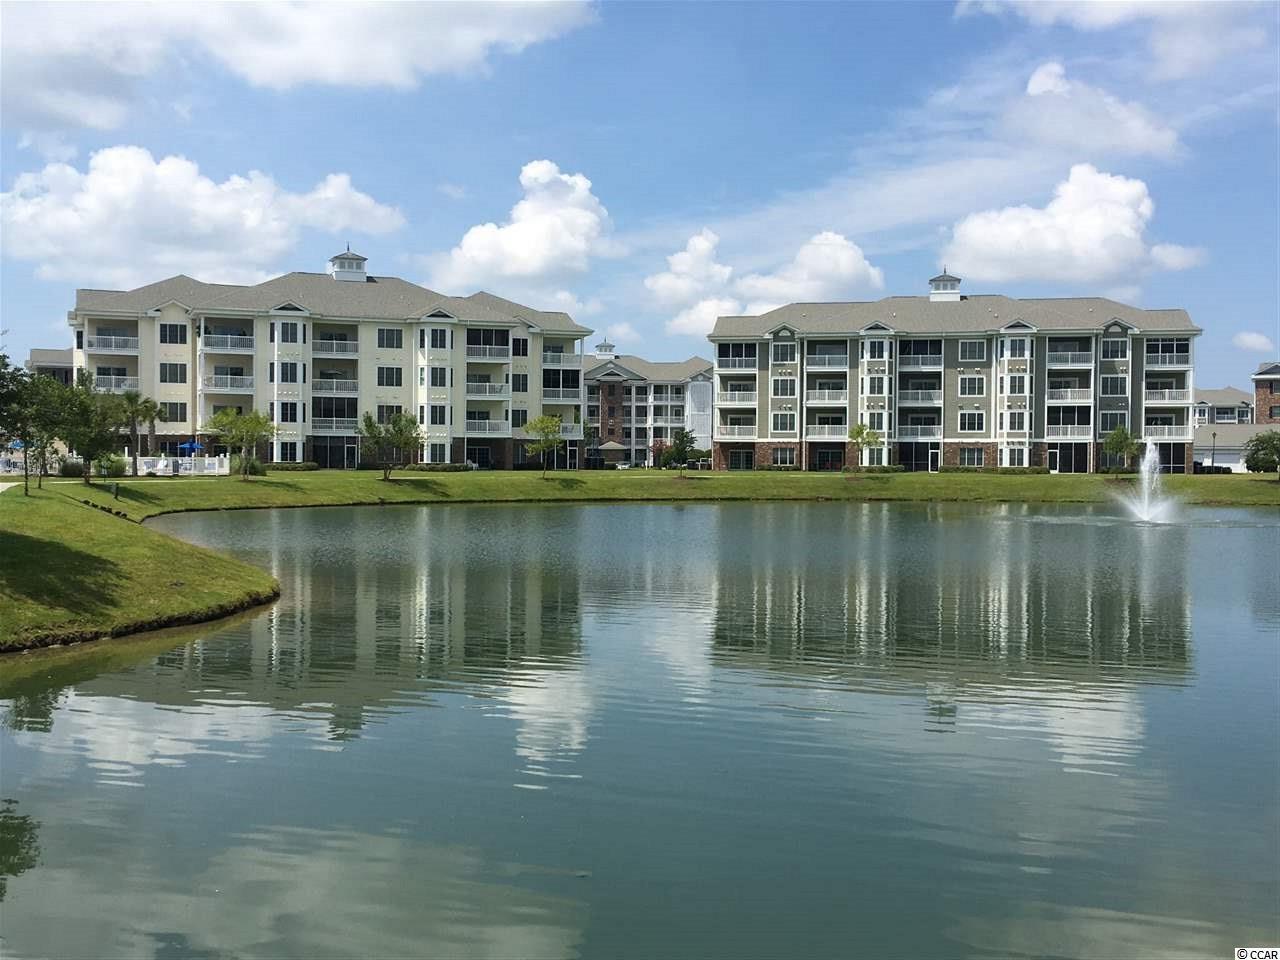 4820 Magnolia Lake Dr. - Photo 1